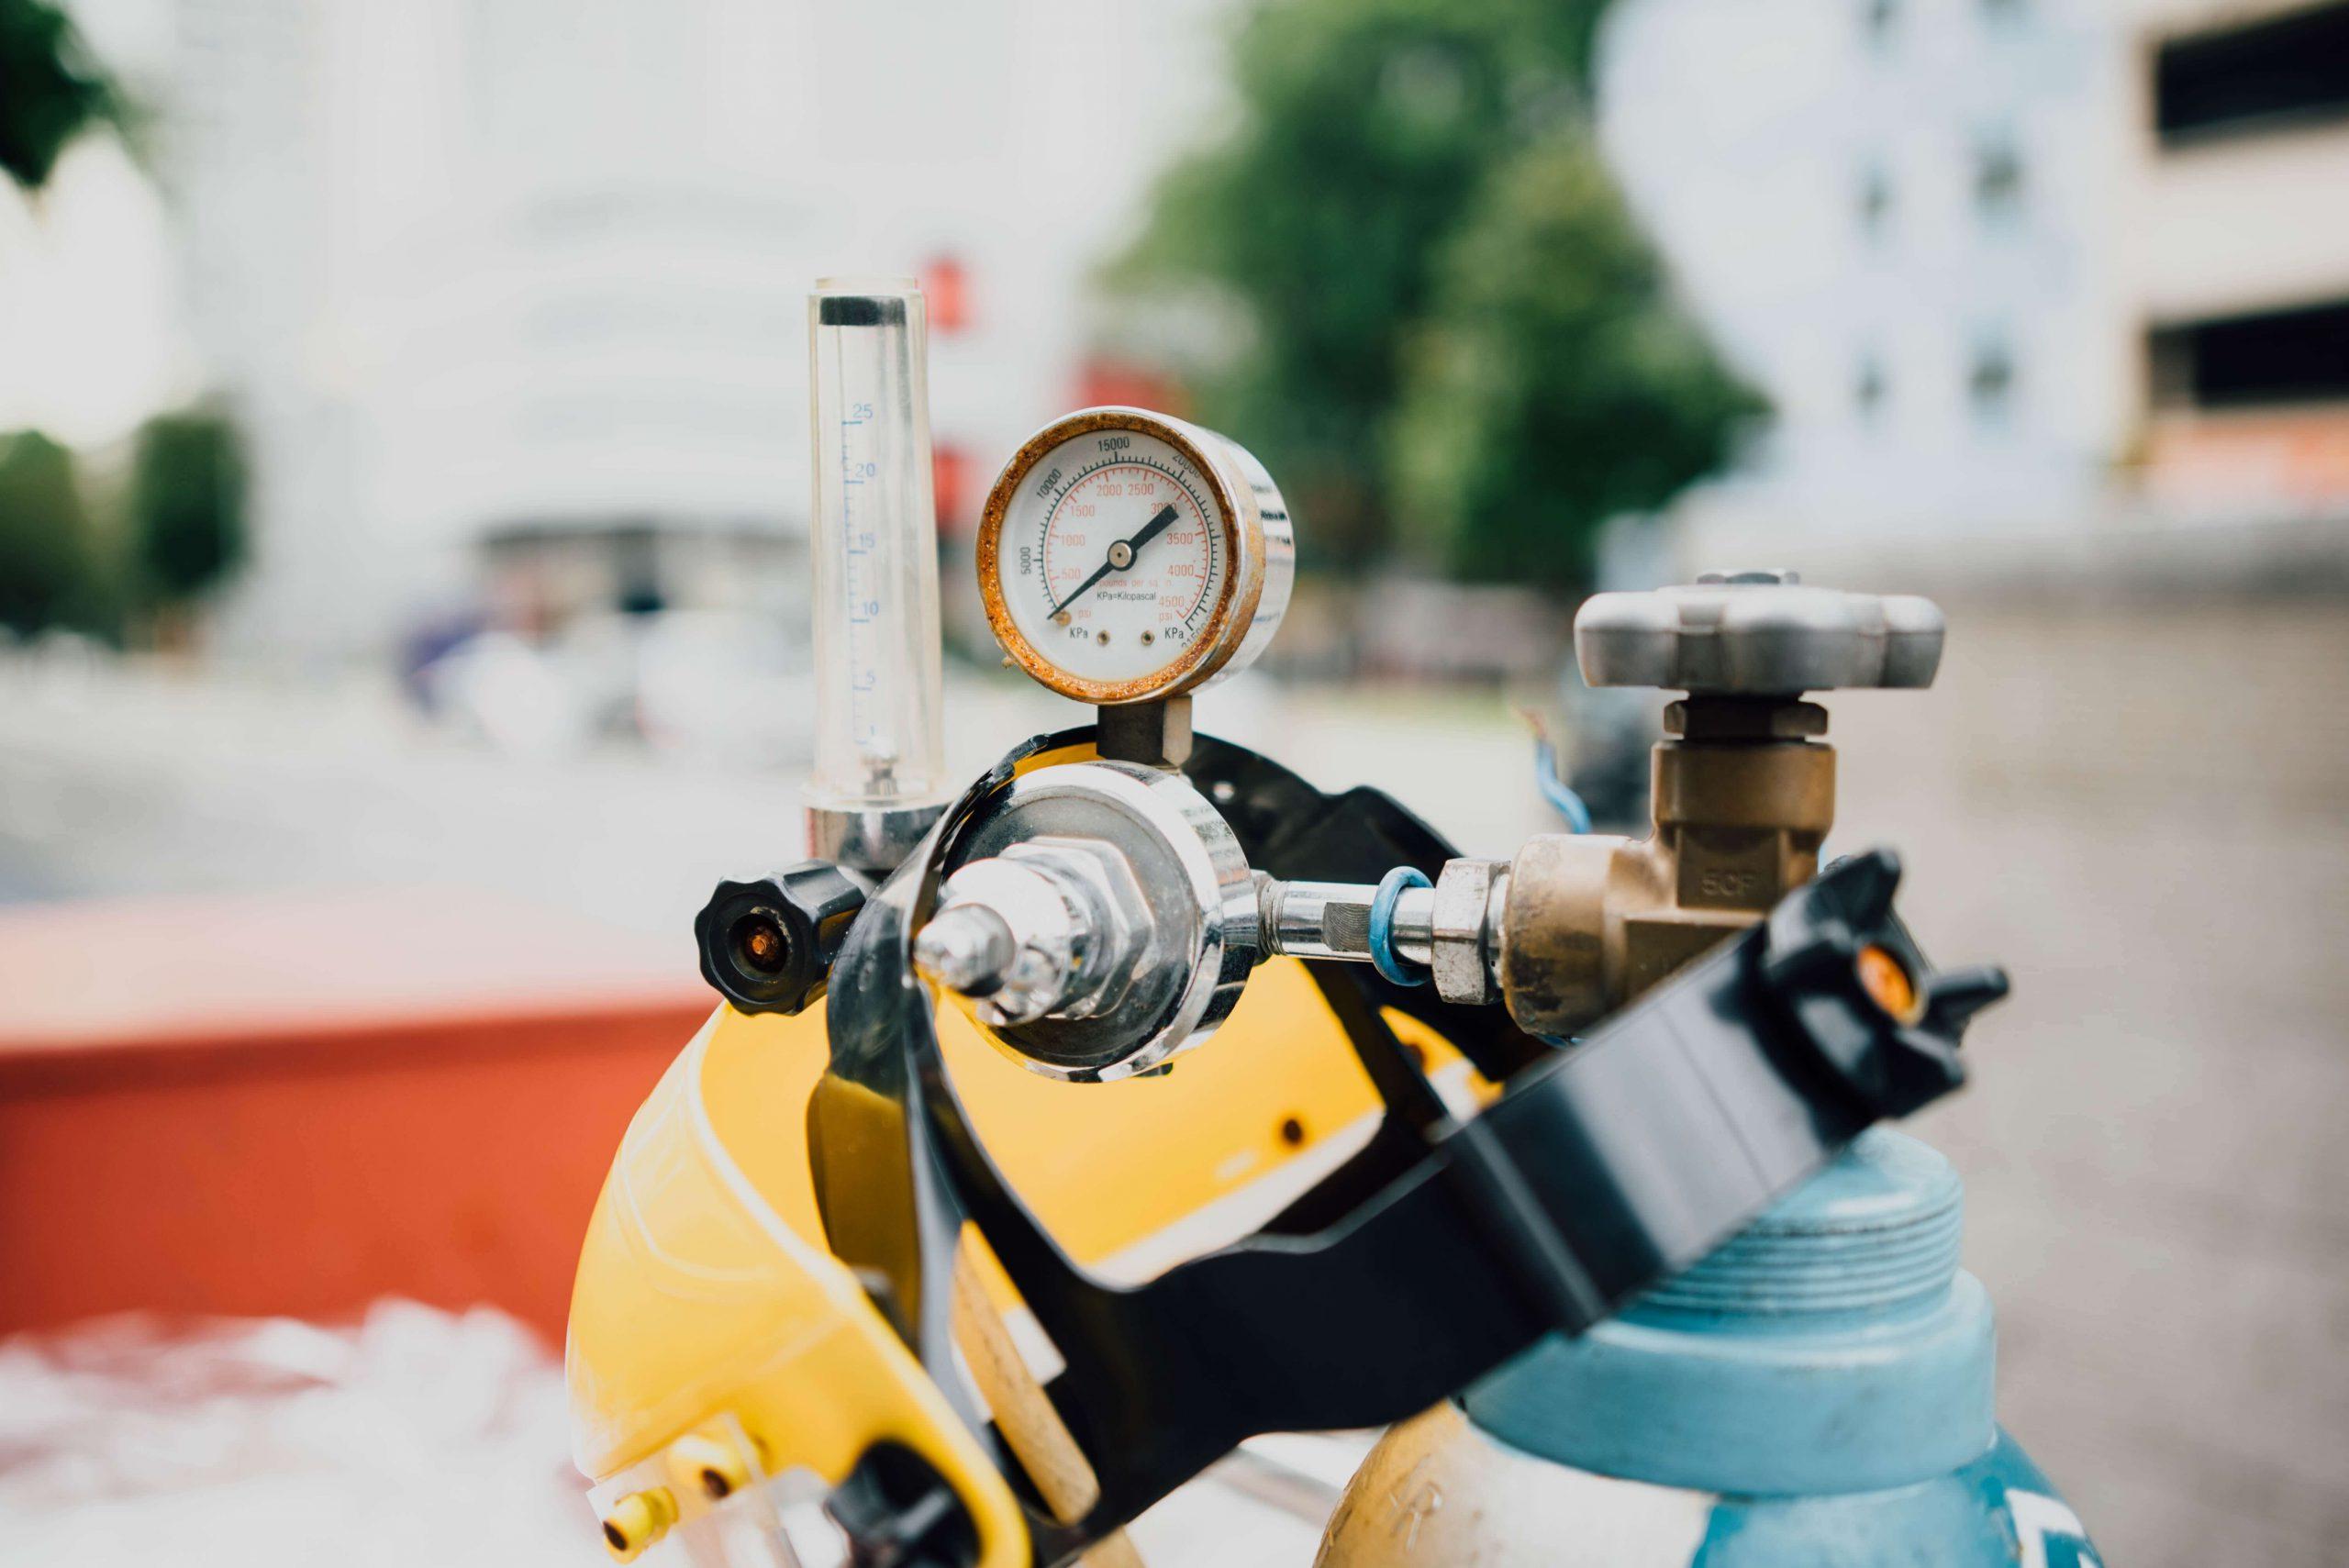 gas tank in daylight